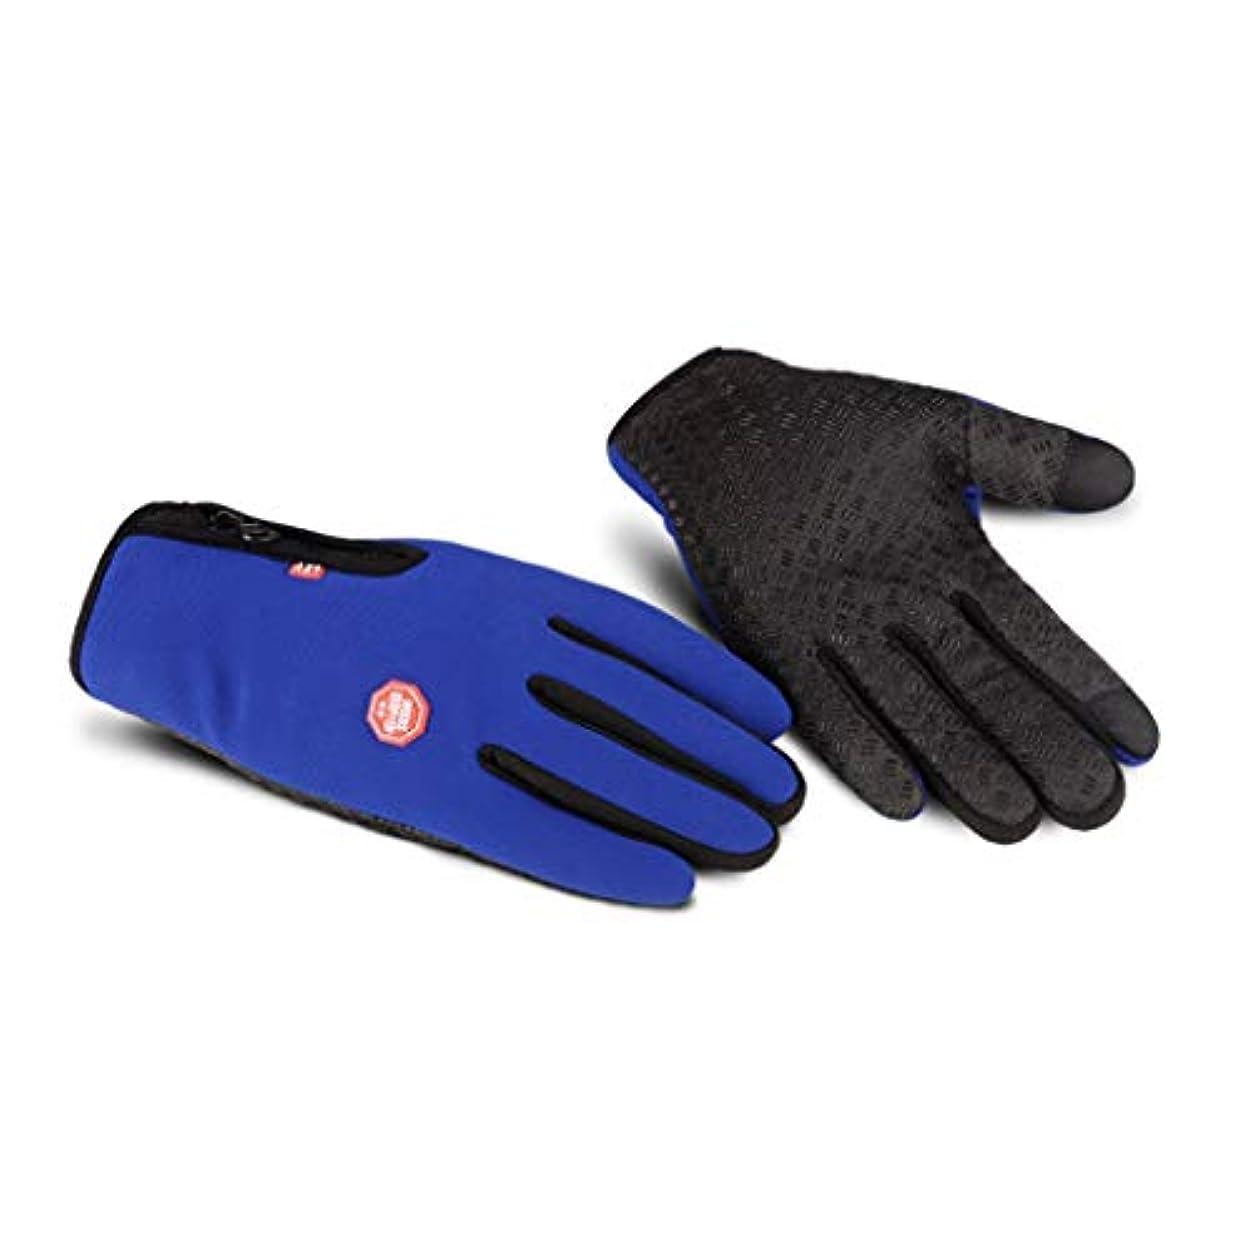 無線ステップサラミ手袋の男性の秋と冬の自転車電動バイクの女性のタッチスクリーンはすべて防風ノンスリップ暖かい冬のコールドプラスベルベット弾性手袋を意味する (色 : 青)